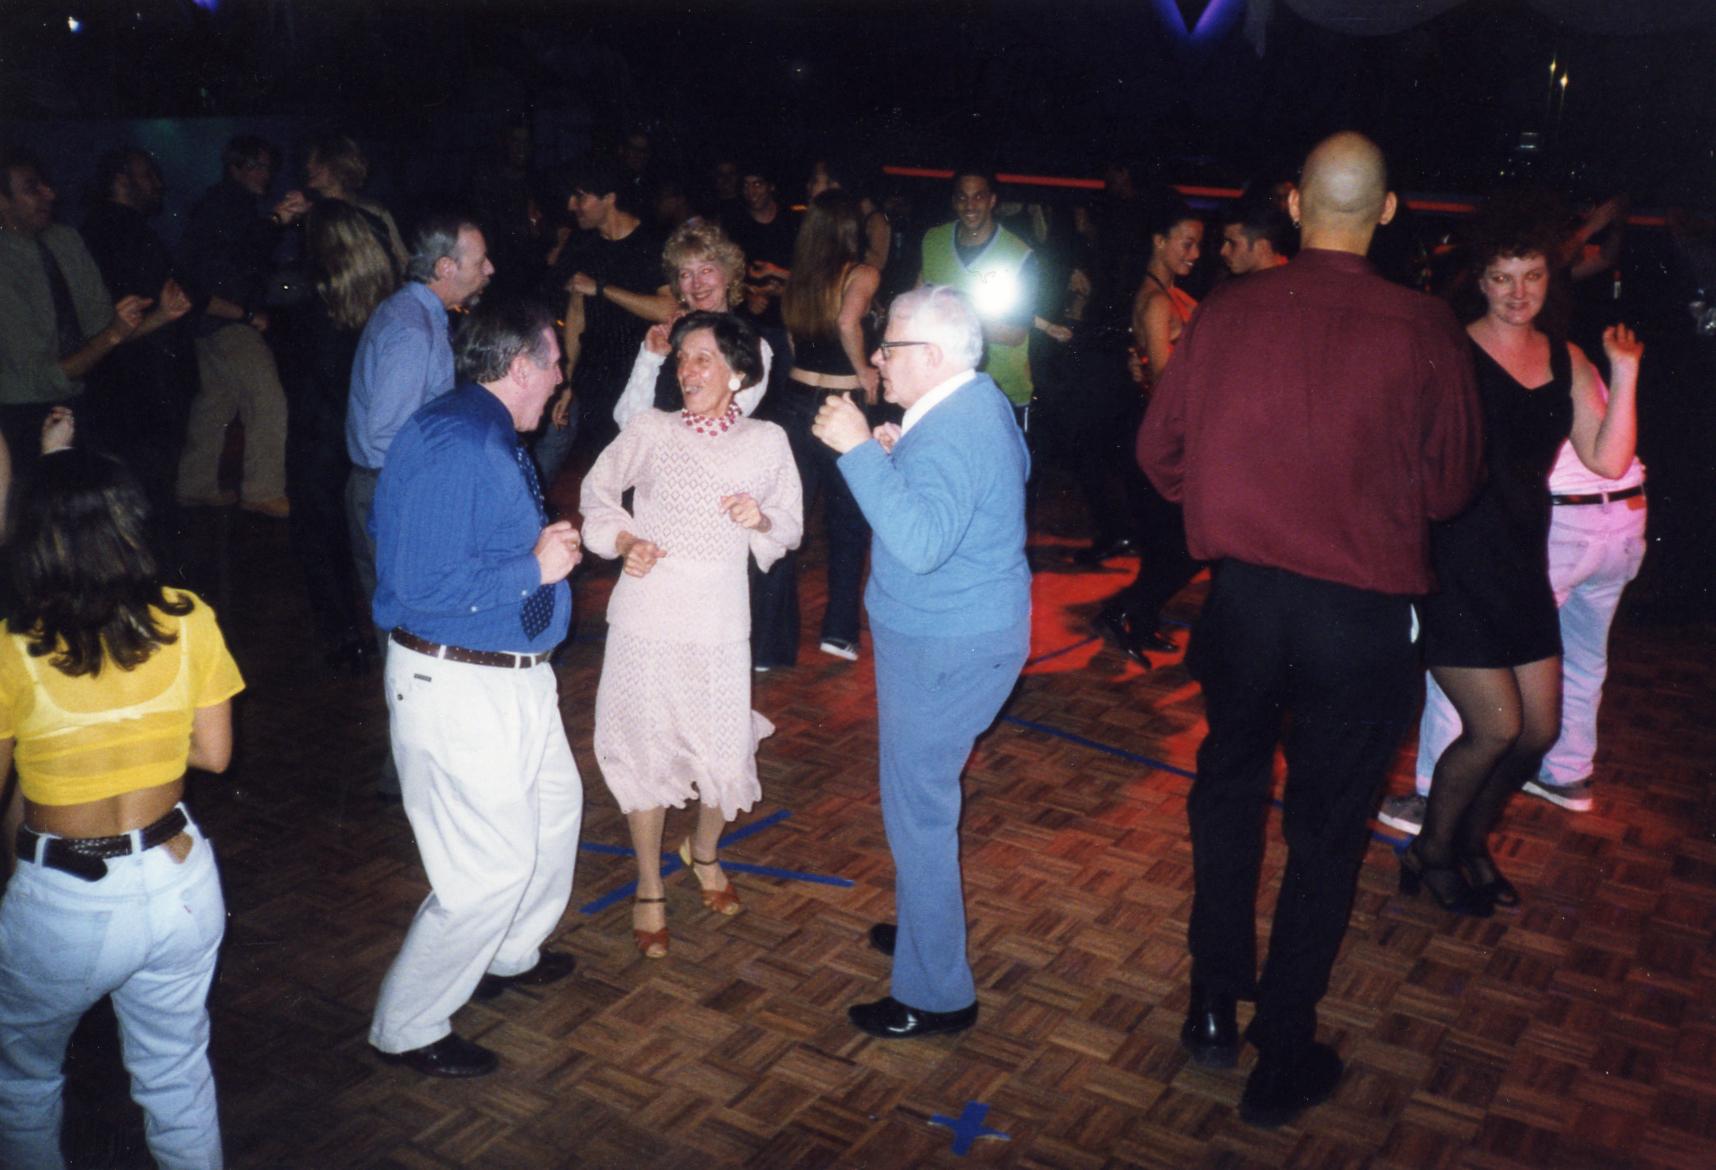 dancing4.jpg